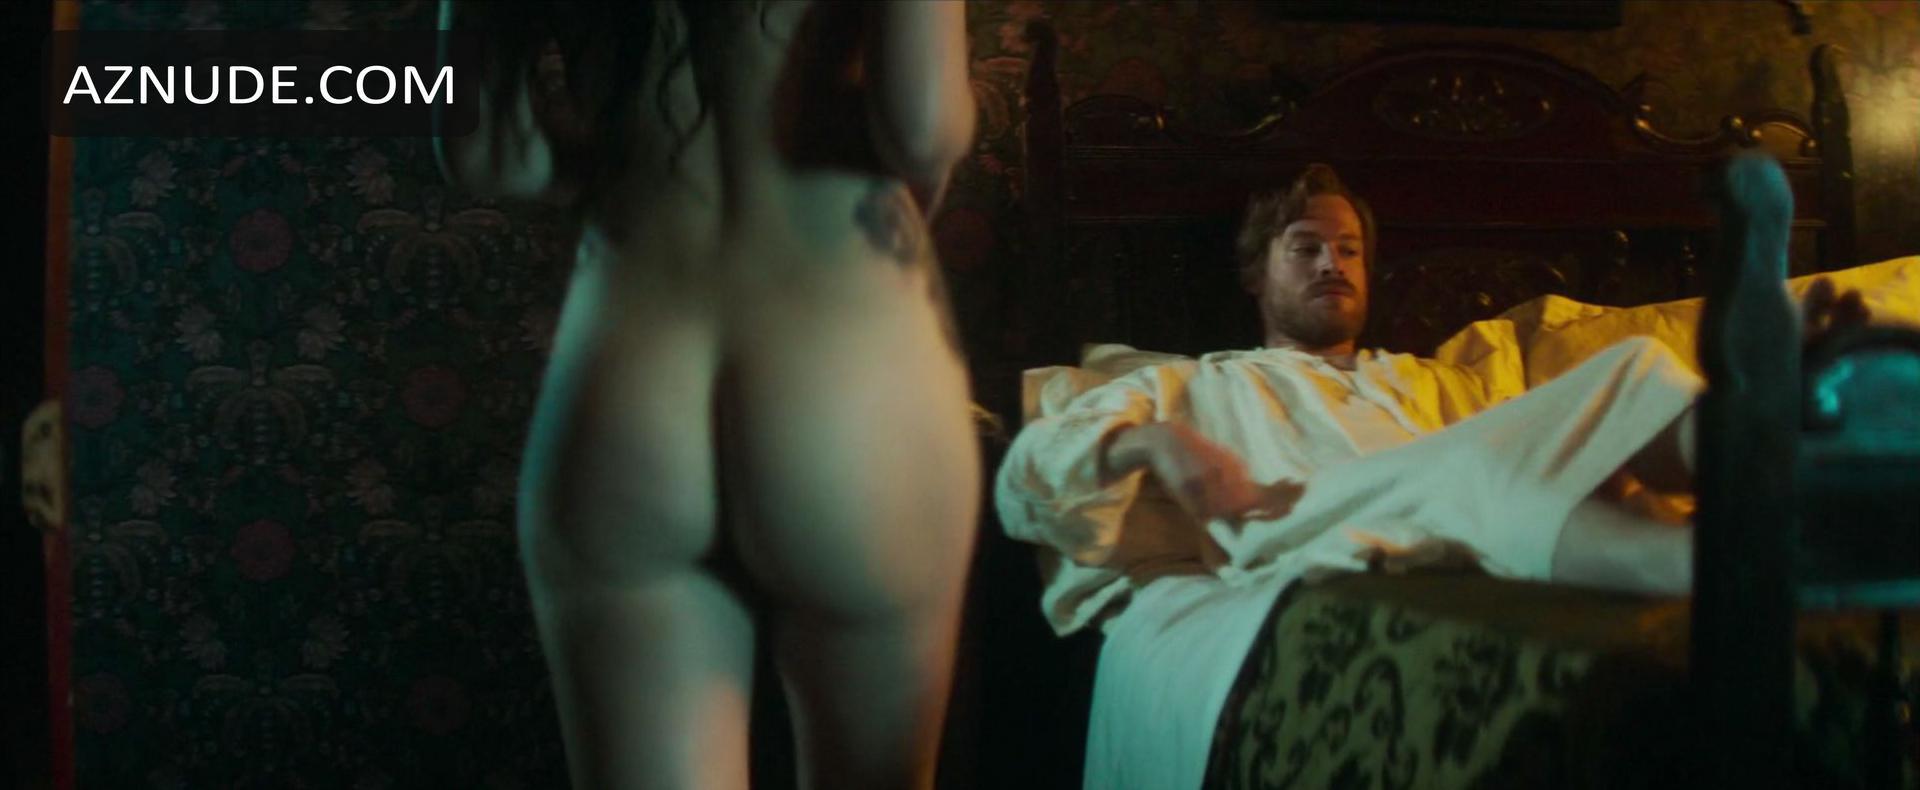 Nude scenes valverde maria